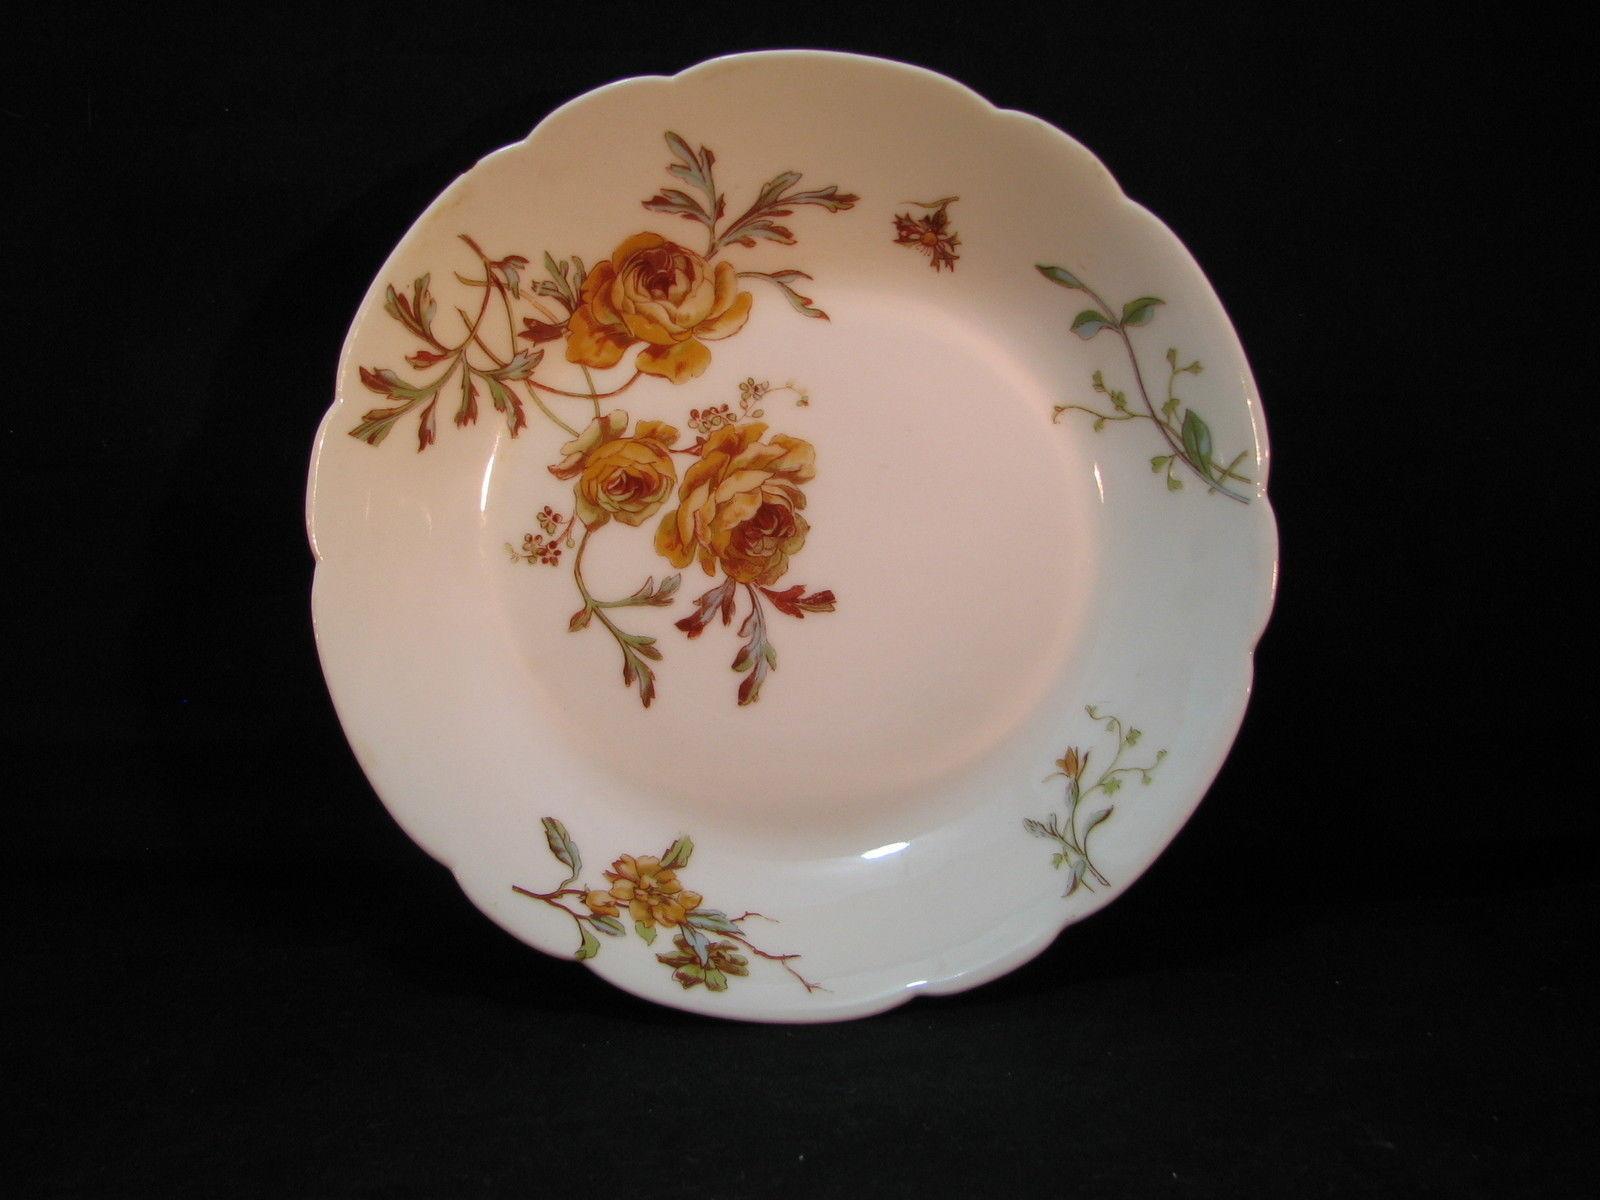 Haviland 3pc Scalloped Soup Bowl H&C 1888-96 Hand Painted Florals Autumn Tones - $35.88